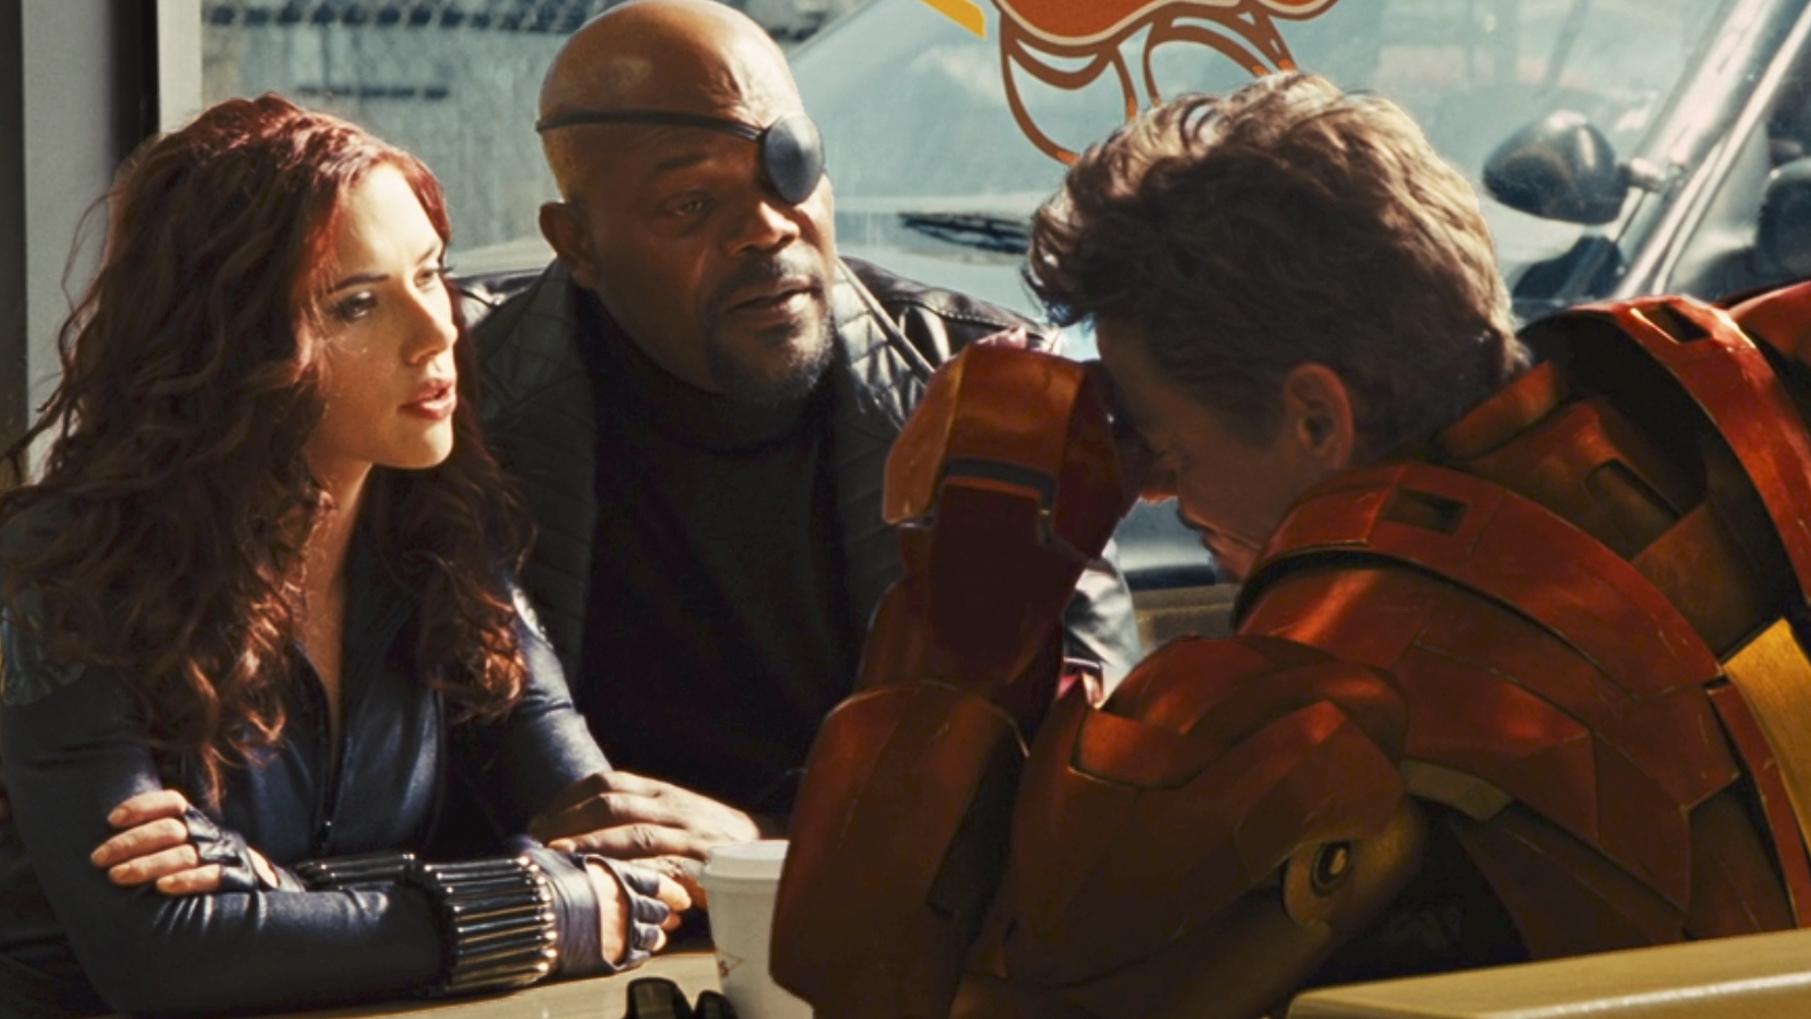 《钢铁侠2》:史塔克告诉局长我中毒了,黑寡妇当场给他一针!